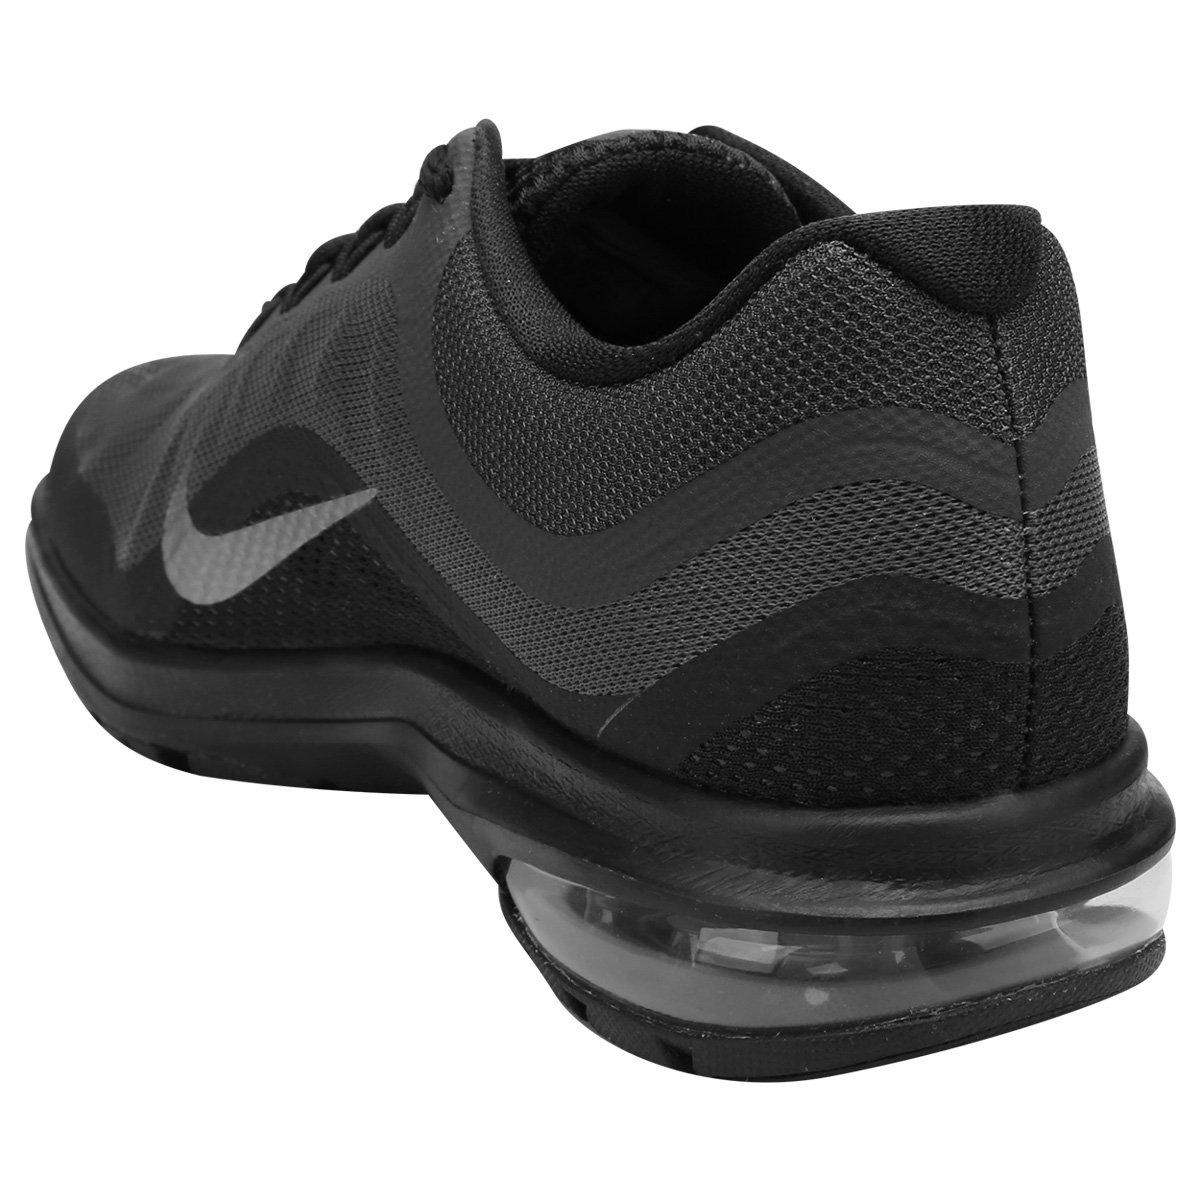 Tênis Nike Air Max Dynasty 2 Feminino - Preto - Compre Agora  d6a1c840086c7